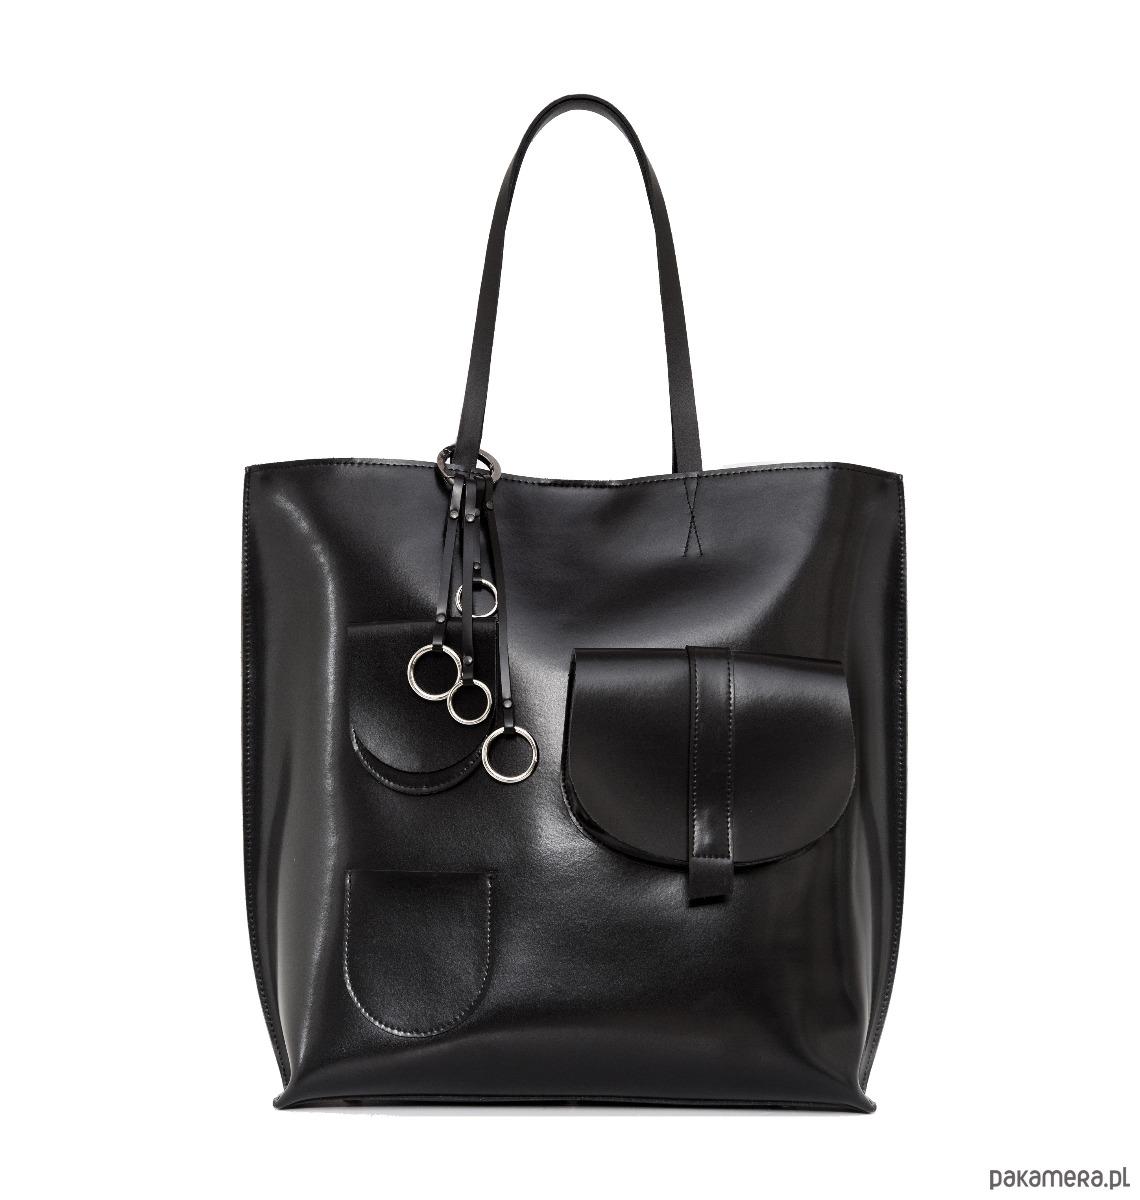 13a718149a413 Duża torba ze skóry naturalnej Sugar Shopper - torby na ramię ...